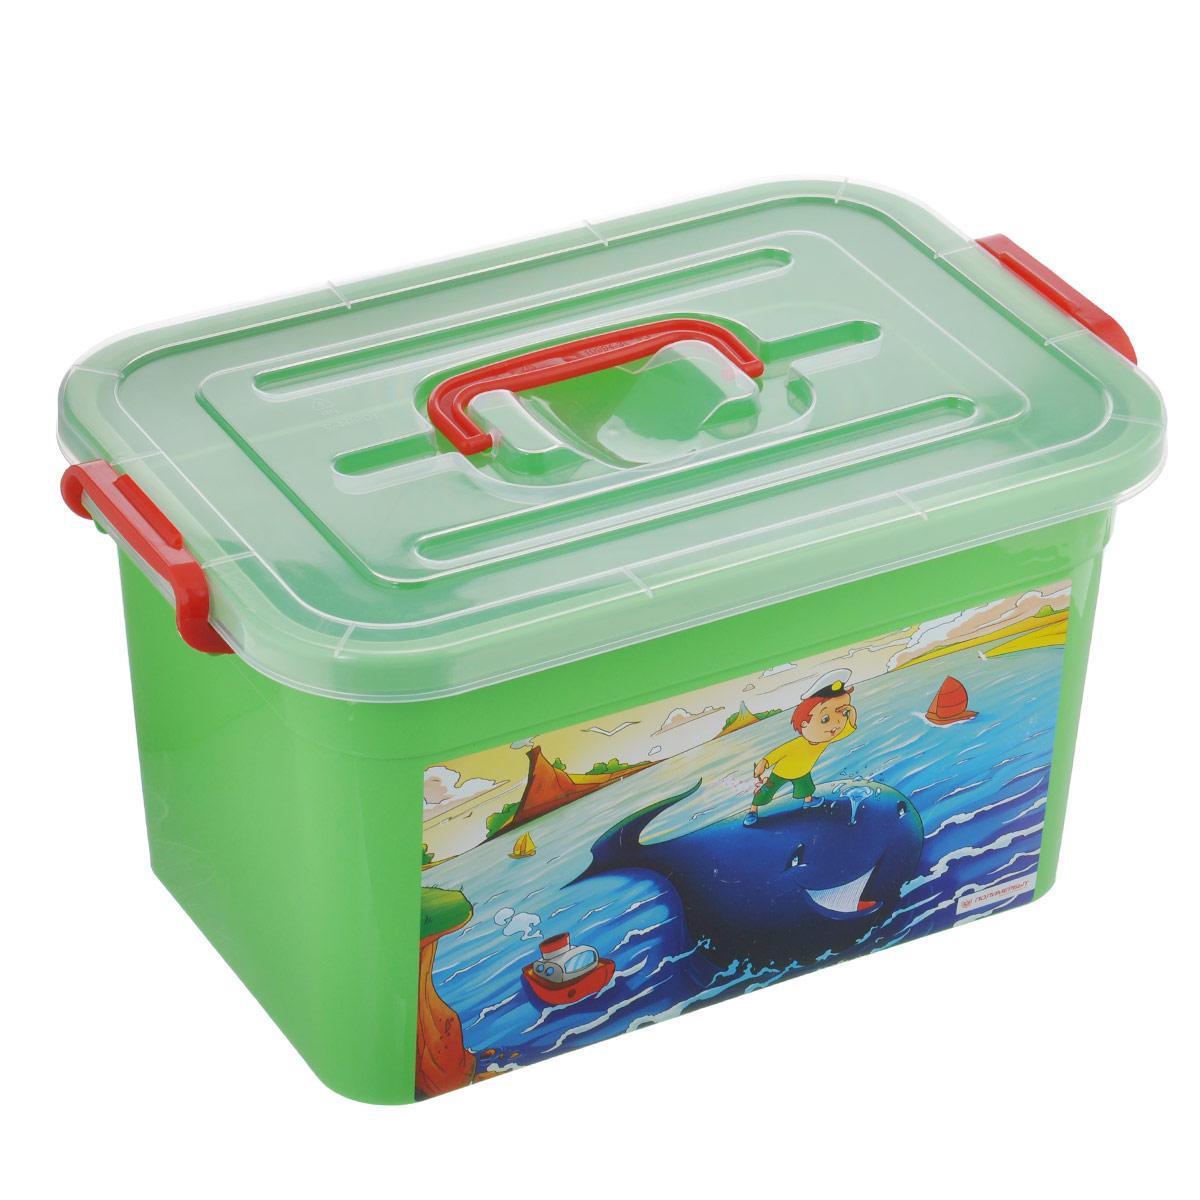 Ящик для игрушек Полимербыт Радуга, цвет: зеленый, 10 л. С81001С81001Ящик для игрушек Полимербыт Радуга выполнен из высококачественного цветного пластика. Для удобства переноски сверху имеется ручка. Контейнер декорирован красочным изображением. Ящик плотно закрывается крышкой с защелкой. Ящик для игрушек Полимербыт Радуга очень вместителен и поможет вам хранить все необходимое в одном месте.